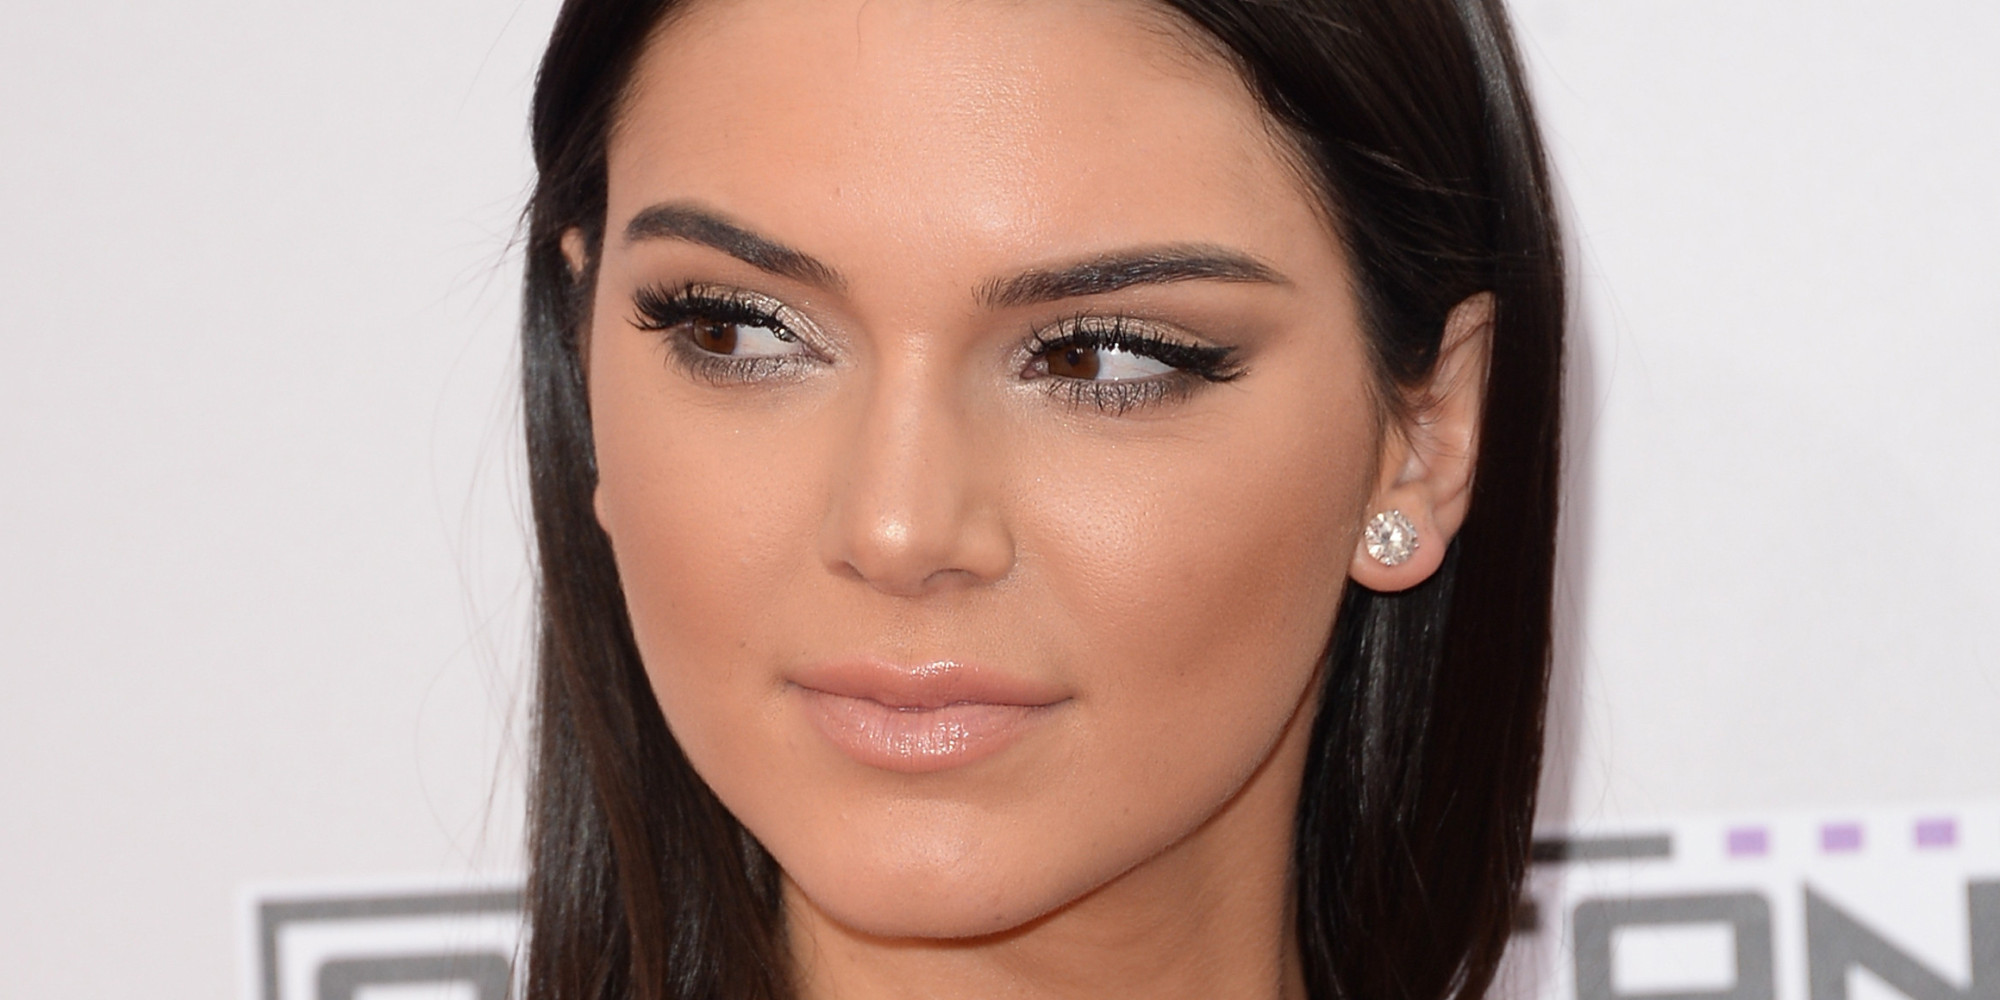 Nueva estrella modelo adolescente cereza